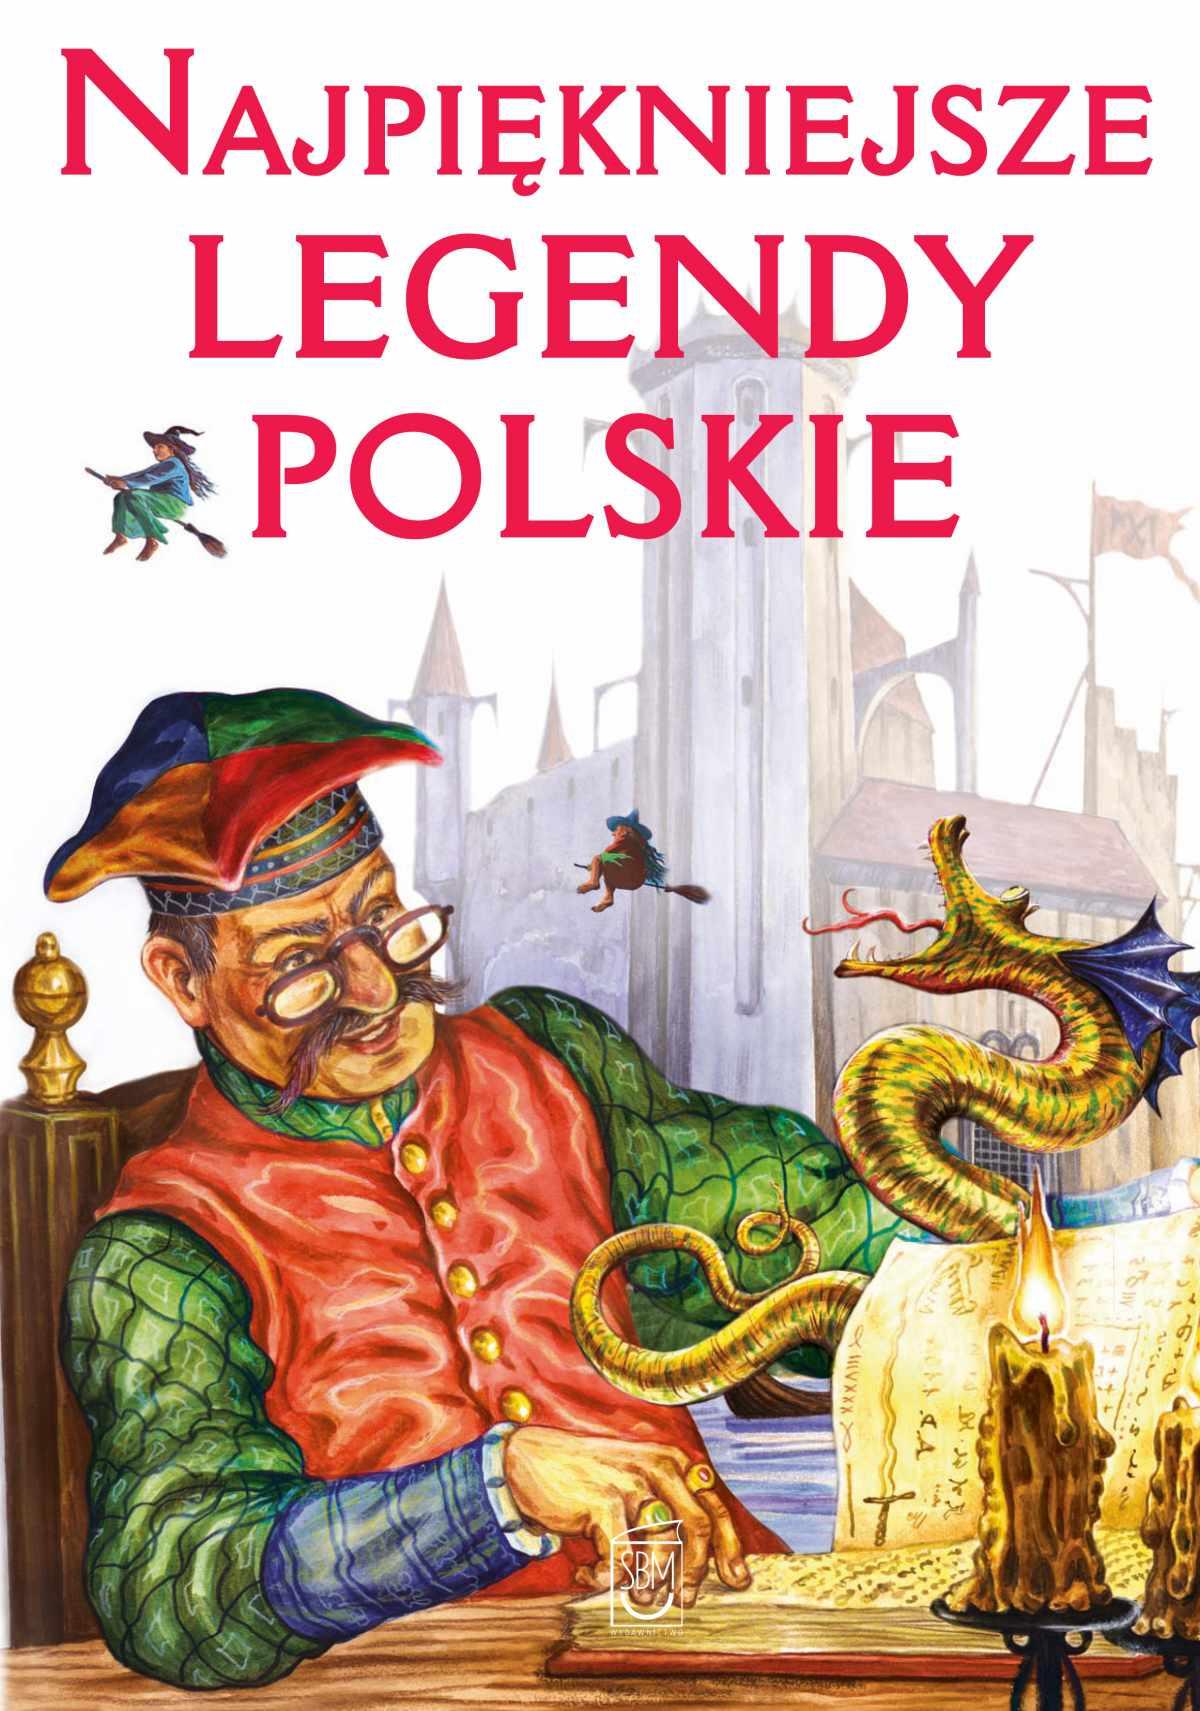 Najpiękniejsze legendy polskie - Ebook (Książka PDF) do pobrania w formacie PDF